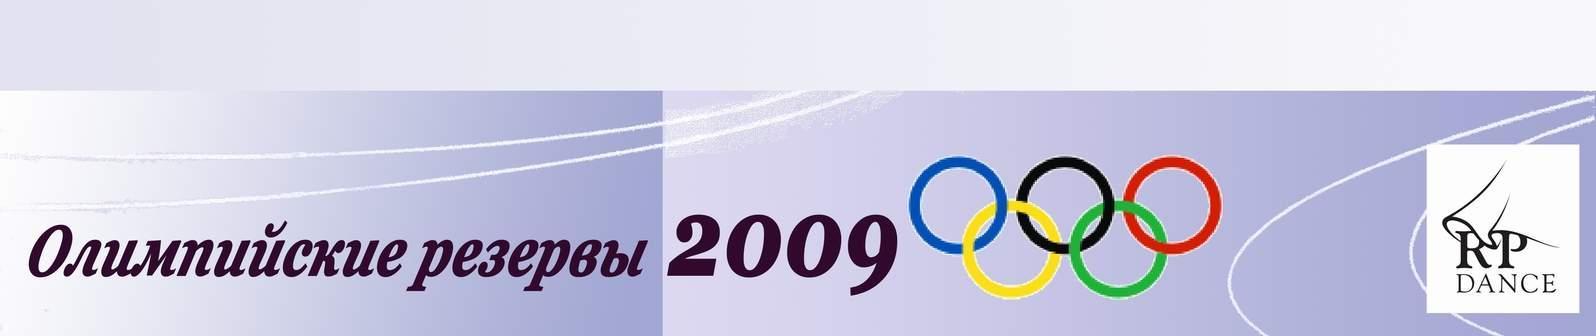 Картинка олимпийский резерв